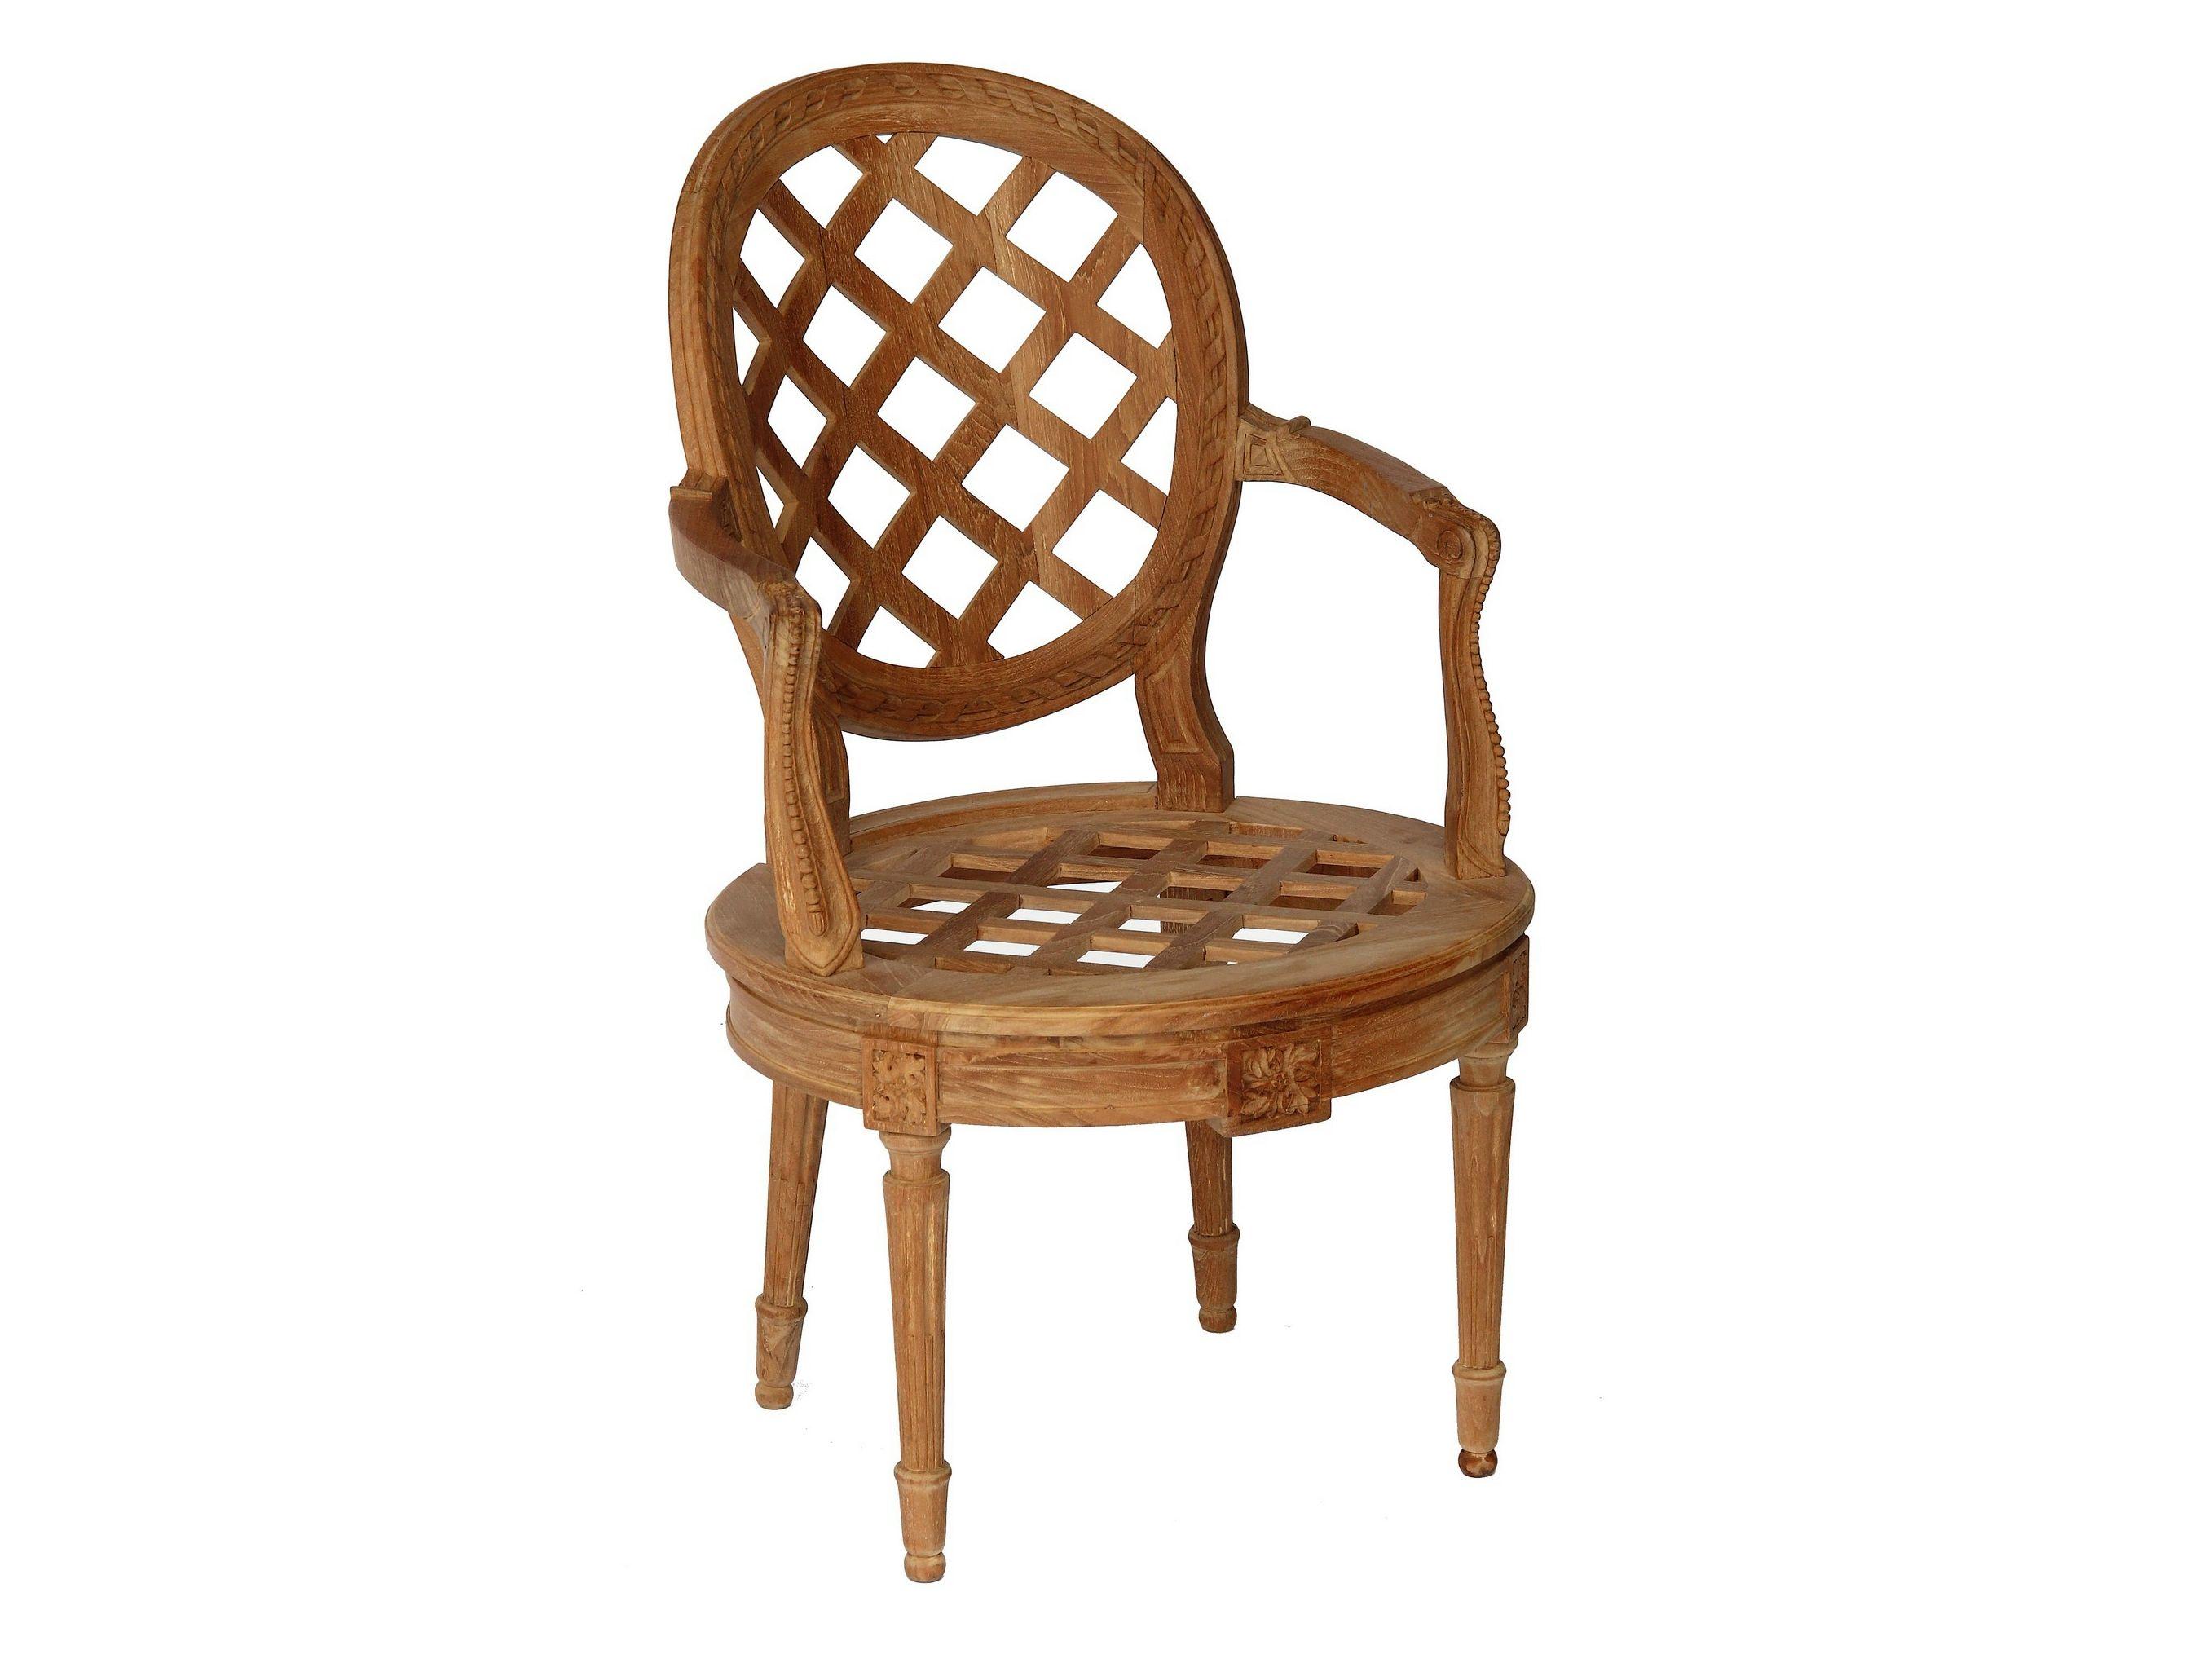 chaise de jardin en teck avec accoudoirs collection bouton d or by astello design dominique. Black Bedroom Furniture Sets. Home Design Ideas